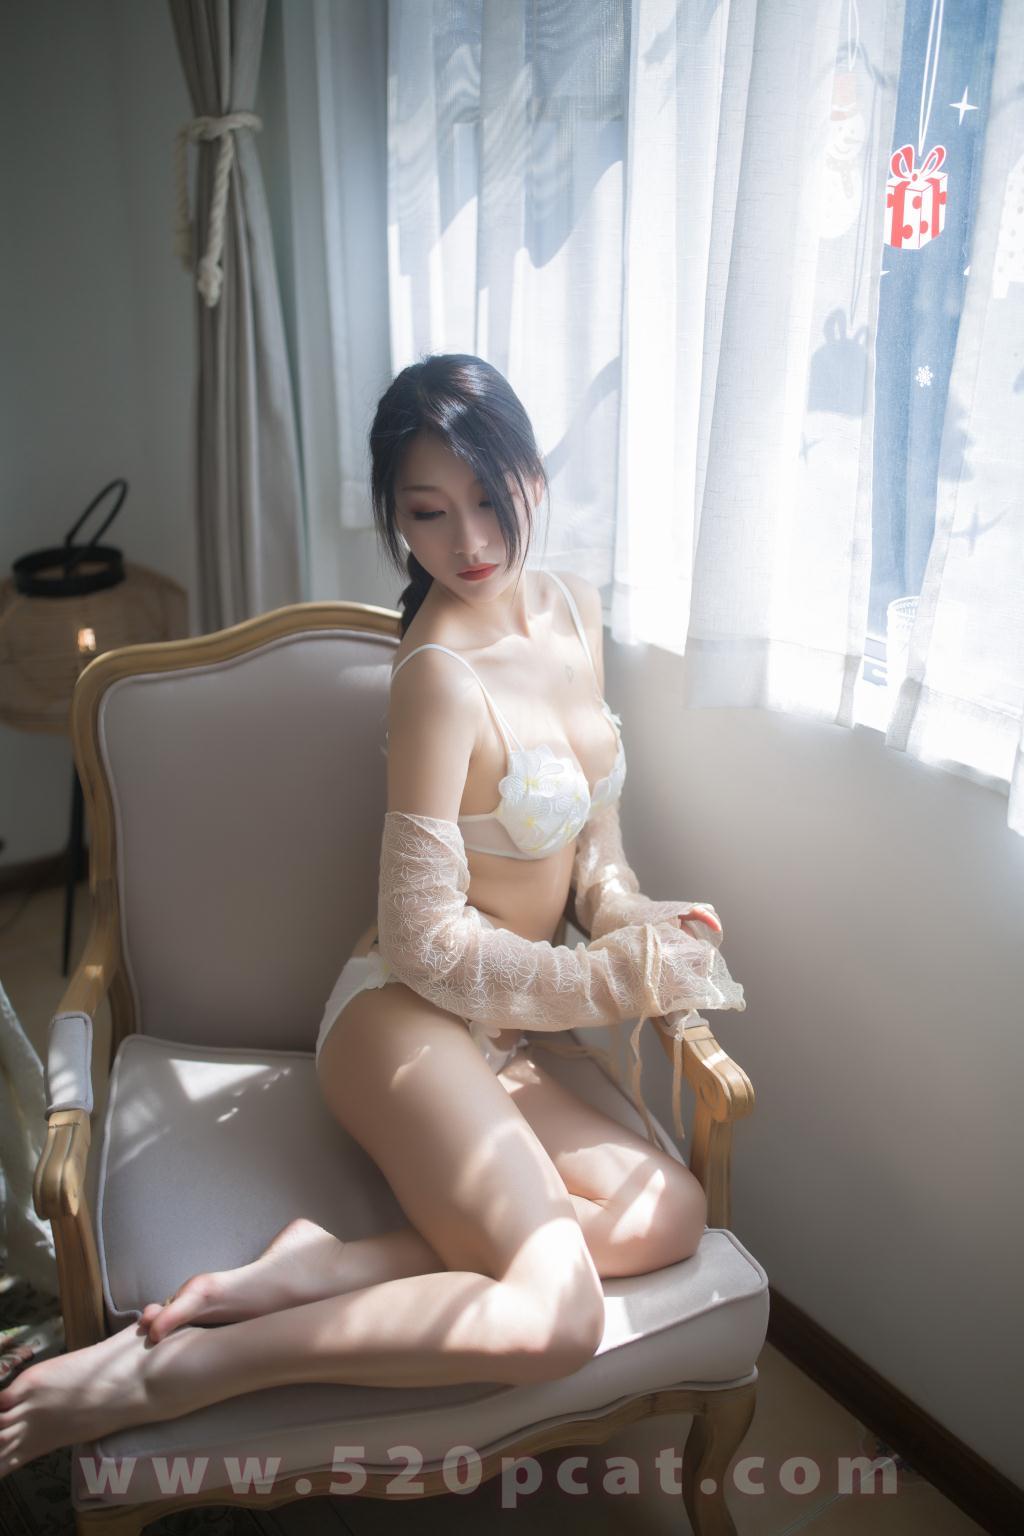 [PDL潘多拉]【PartyCat轰趴猫】 精品NO.236 小镇姑娘